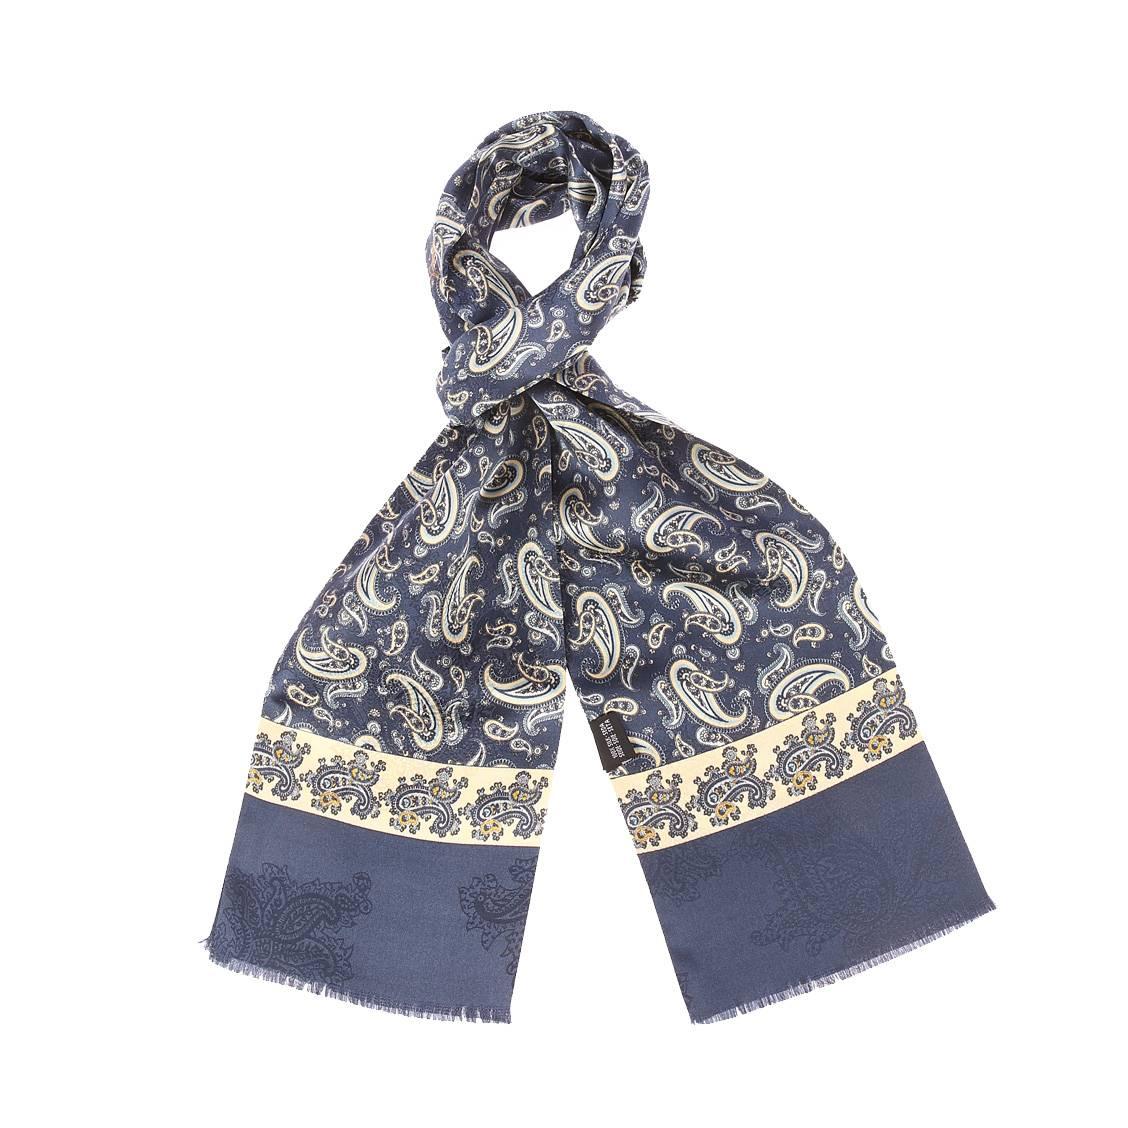 Echarpe en soie  bleu marine à motifs cachemires bleu marine et dorés